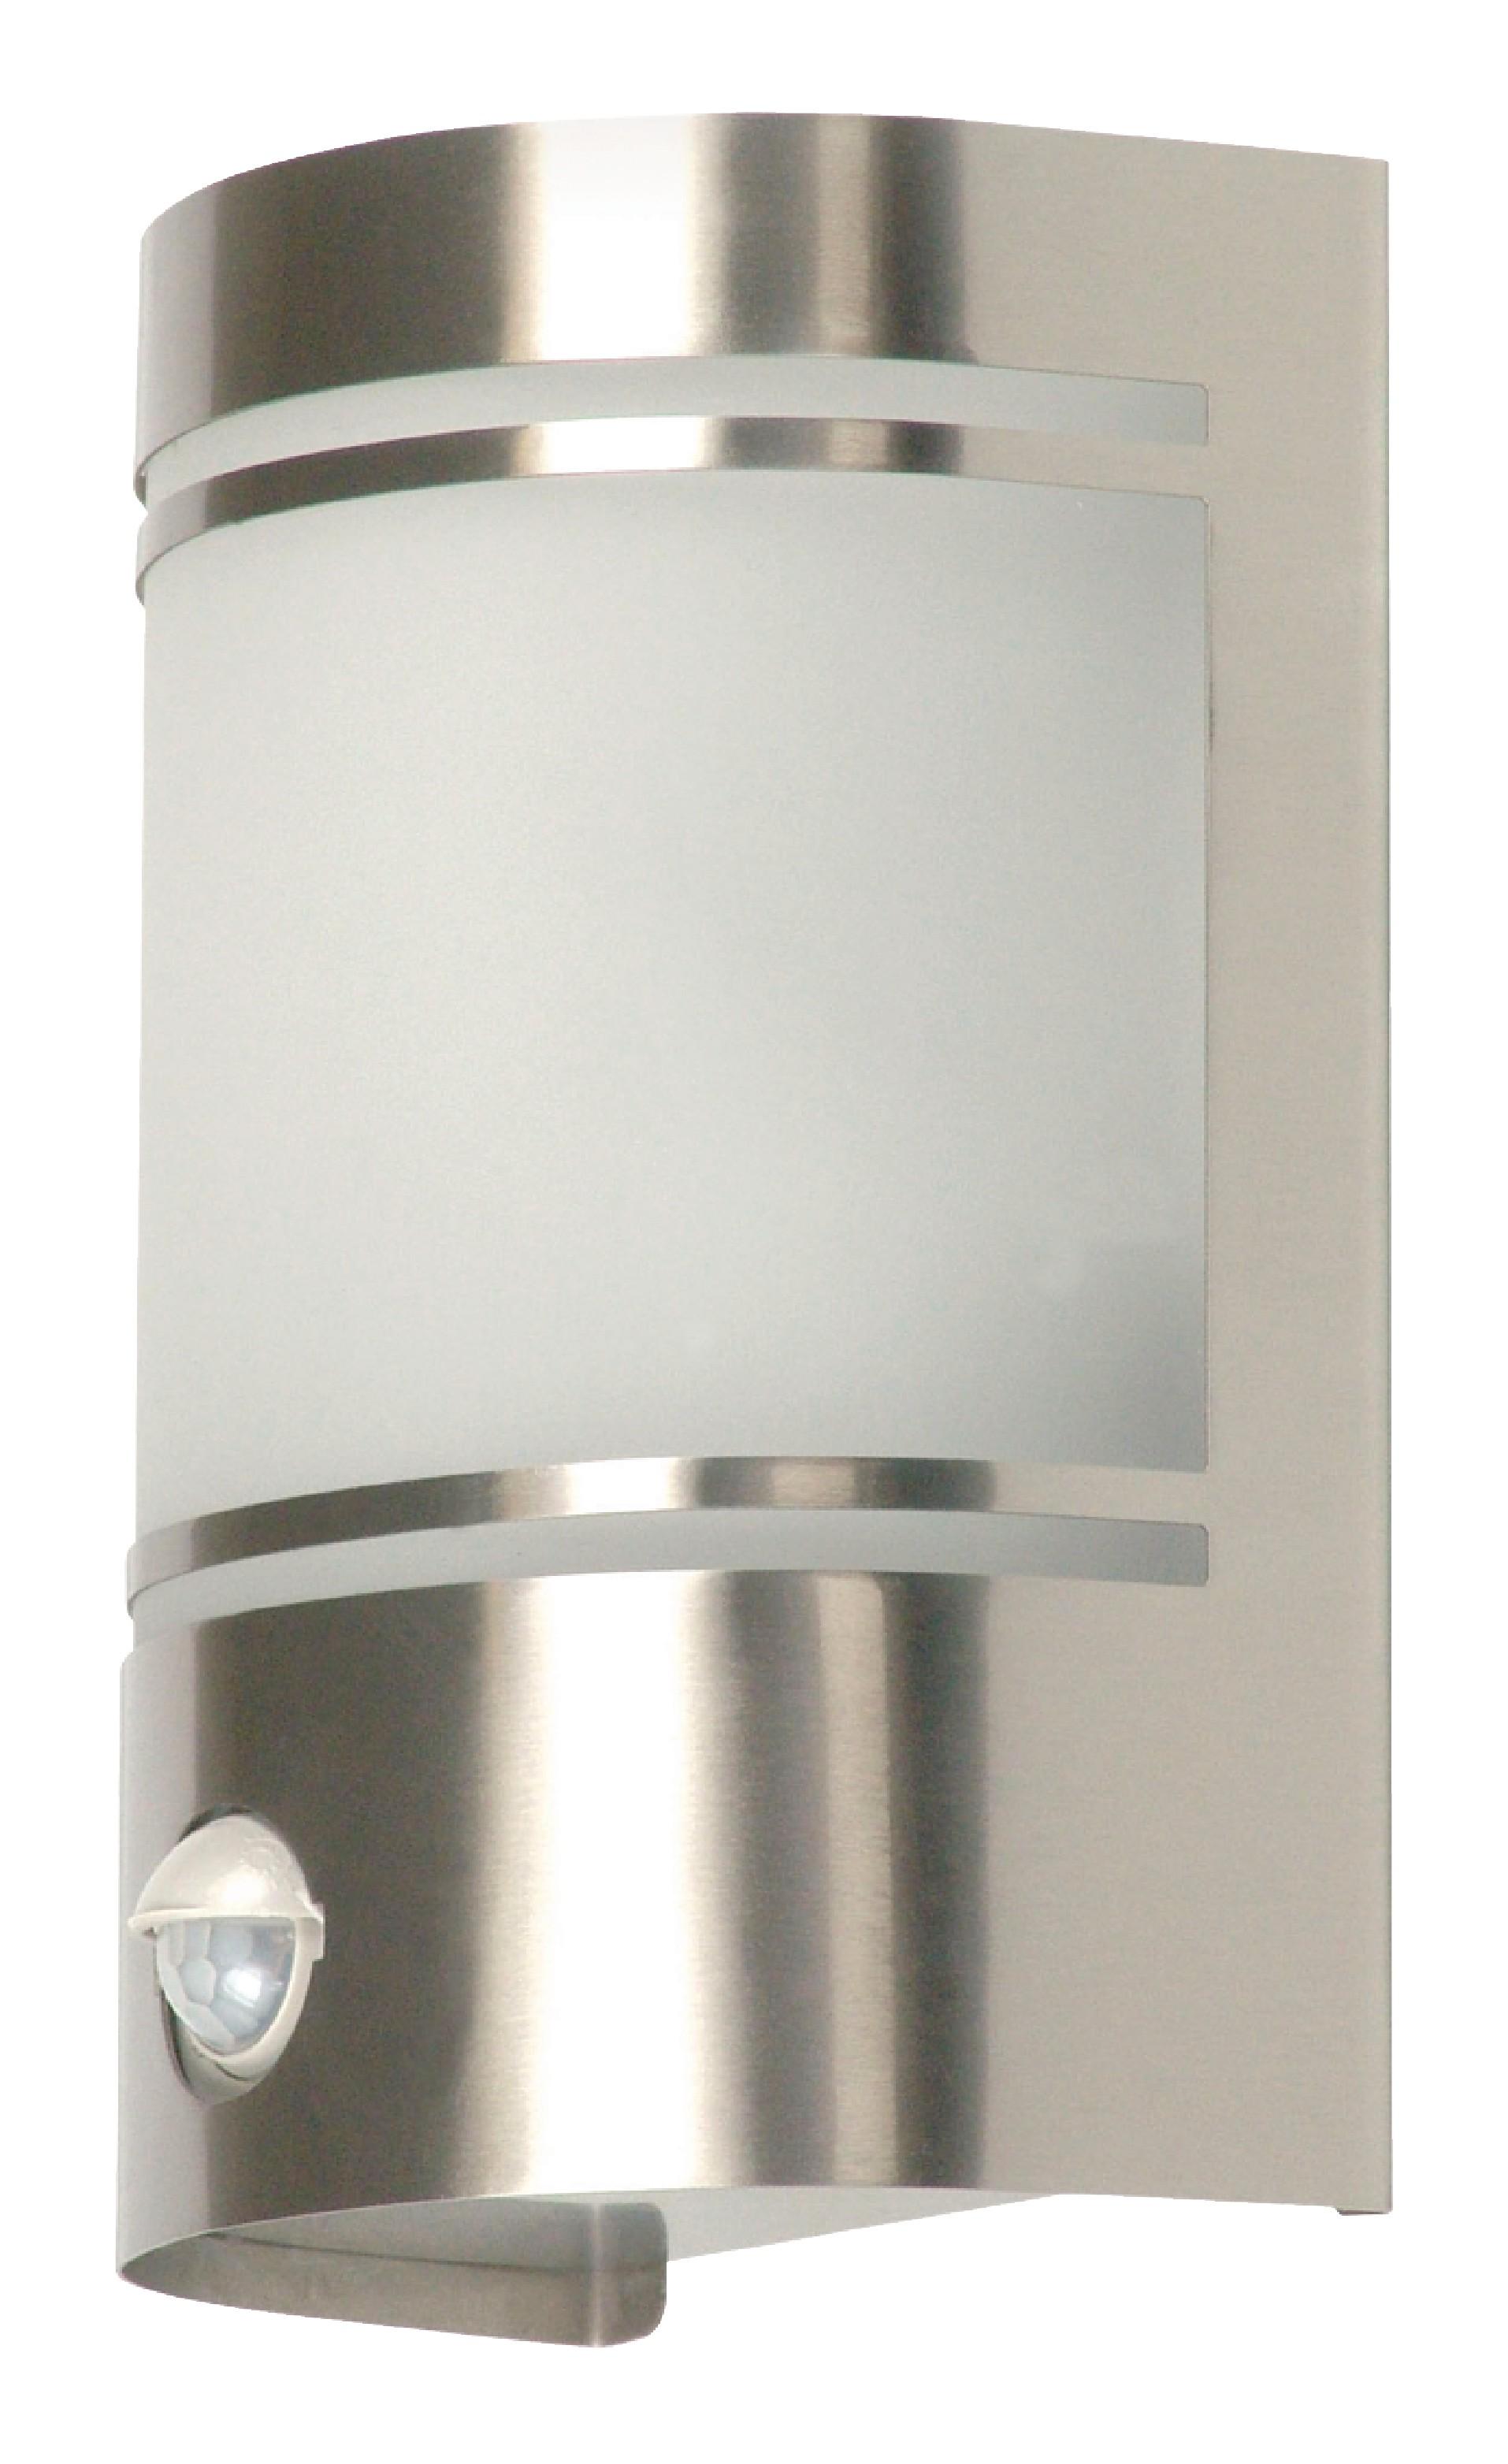 Venkovní nástěnné svítidlo E27 PIR Ranex Alicante 5000.299